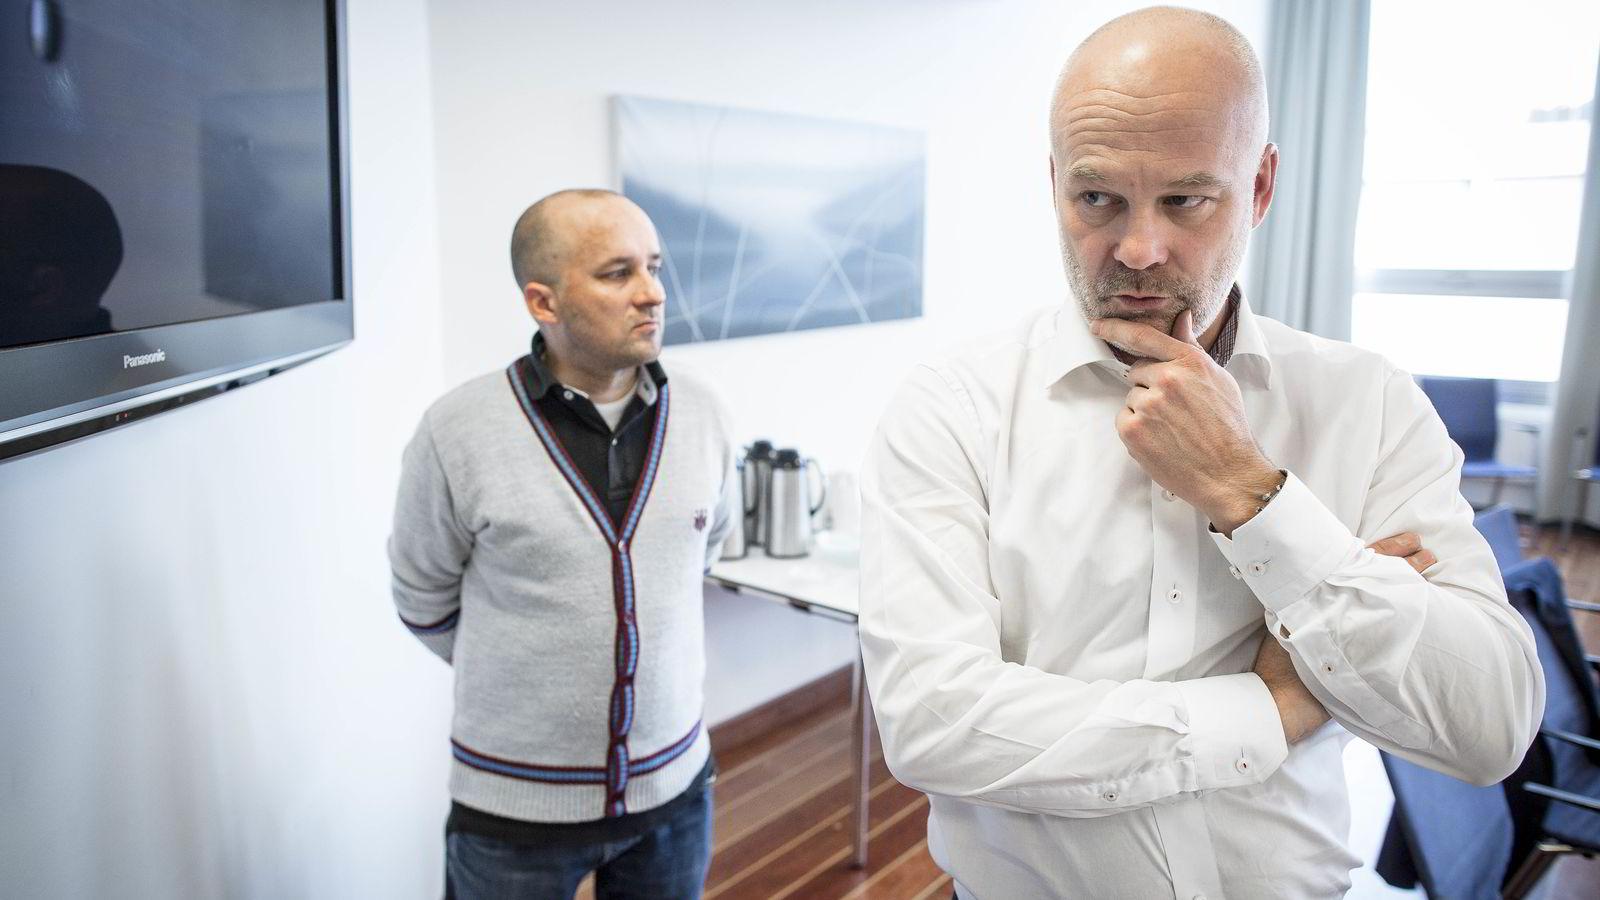 Kringkastingssjef Thor Gjermund Eriksen måtte torsdag forklare for Kringkastingsrådet hvorfor NRK taper seere i alle aldersgrupper alle dager i uken. Bak: Analysesjef Kristian Tolonen i NRK.